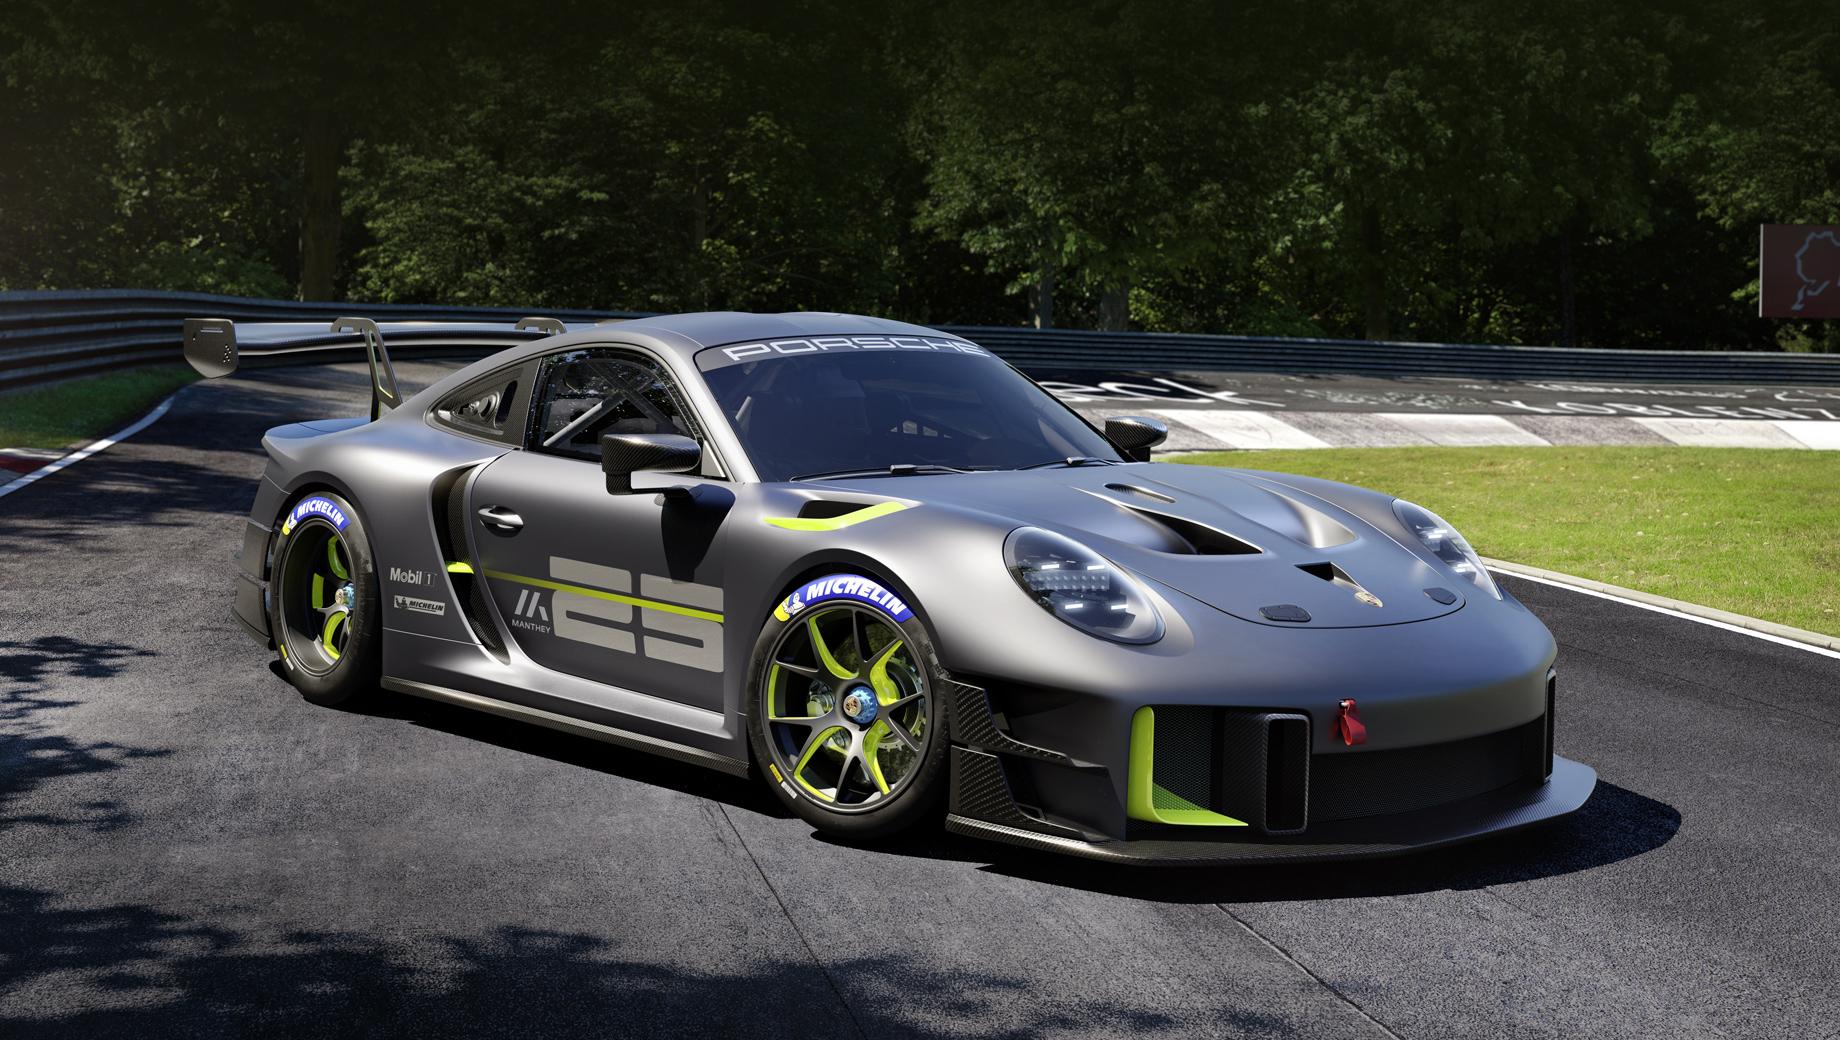 Porsche 911,Porsche 911 gt2 rs clubsport. Машина с приставкой Clubsport основана на прошлом поколении 911-го (991), но в проворности поспорит, пожалуй, с любым 992-м (в ассортименте которого версии GT2 RS ещё не было создано).